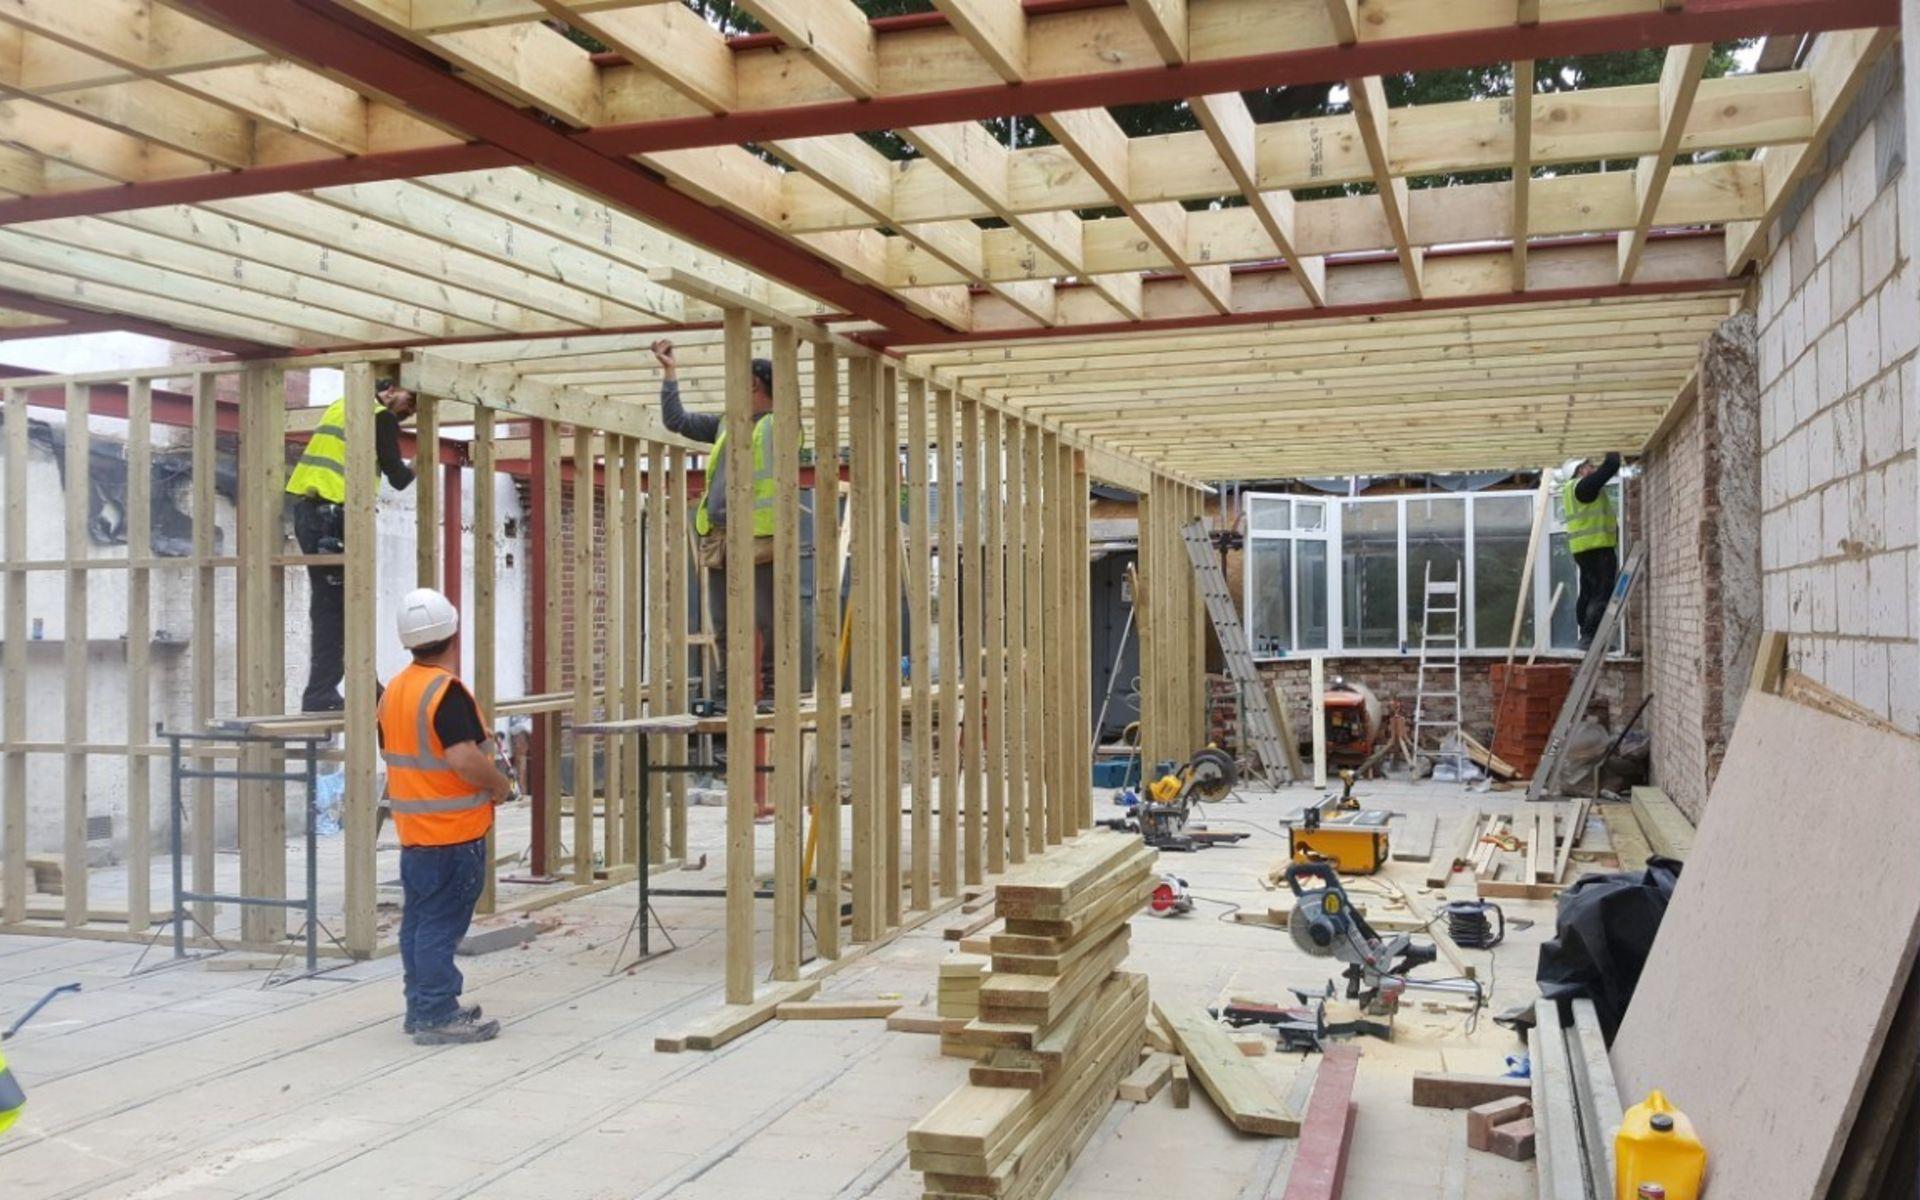 Oxfordshire Gloucestershire Building Project Management Services CLPM